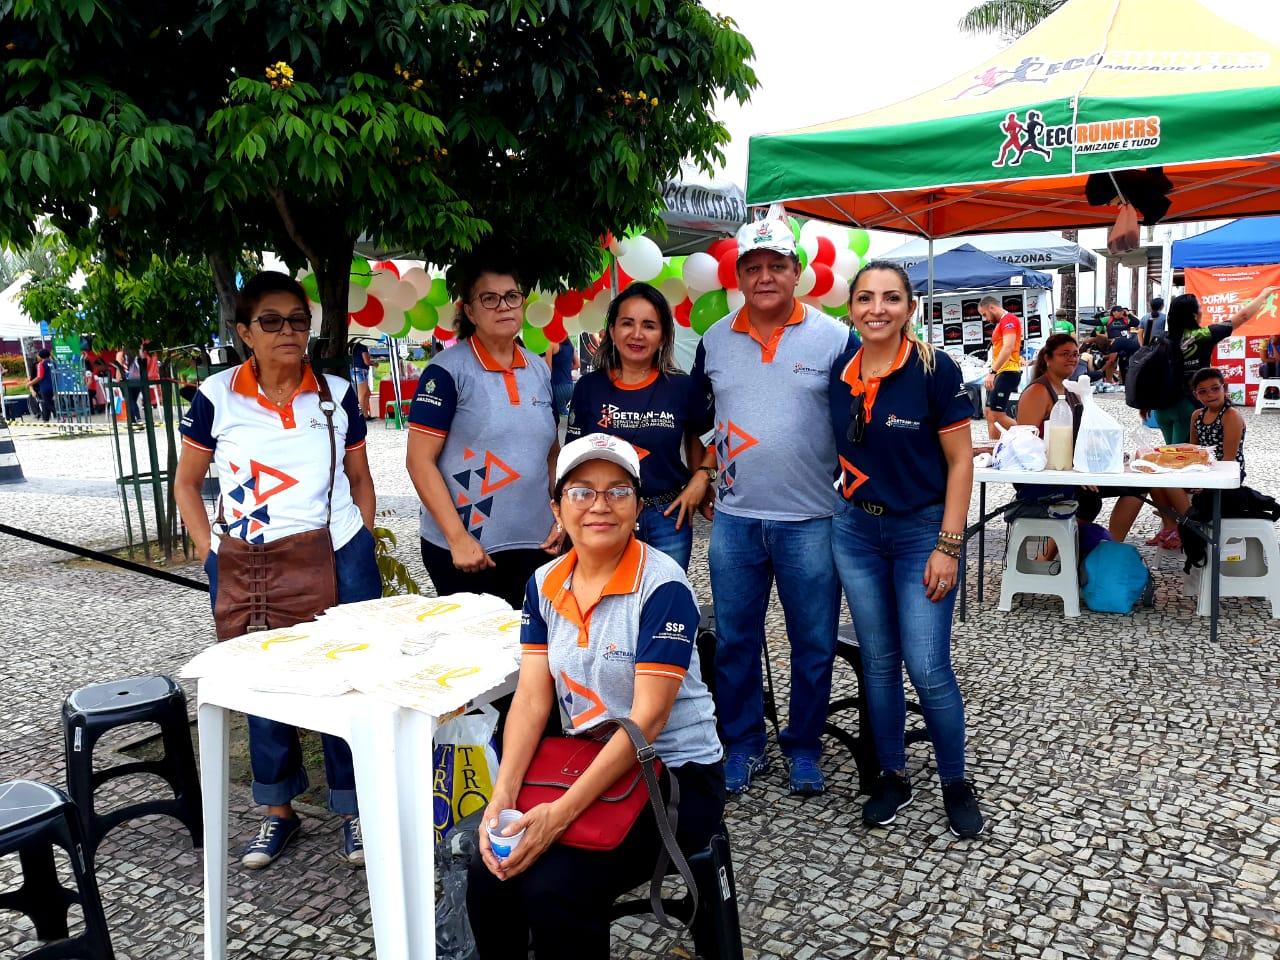 Detran-AM participa da 36ª Corrida Tiradentes e Corridinha Tiradentes